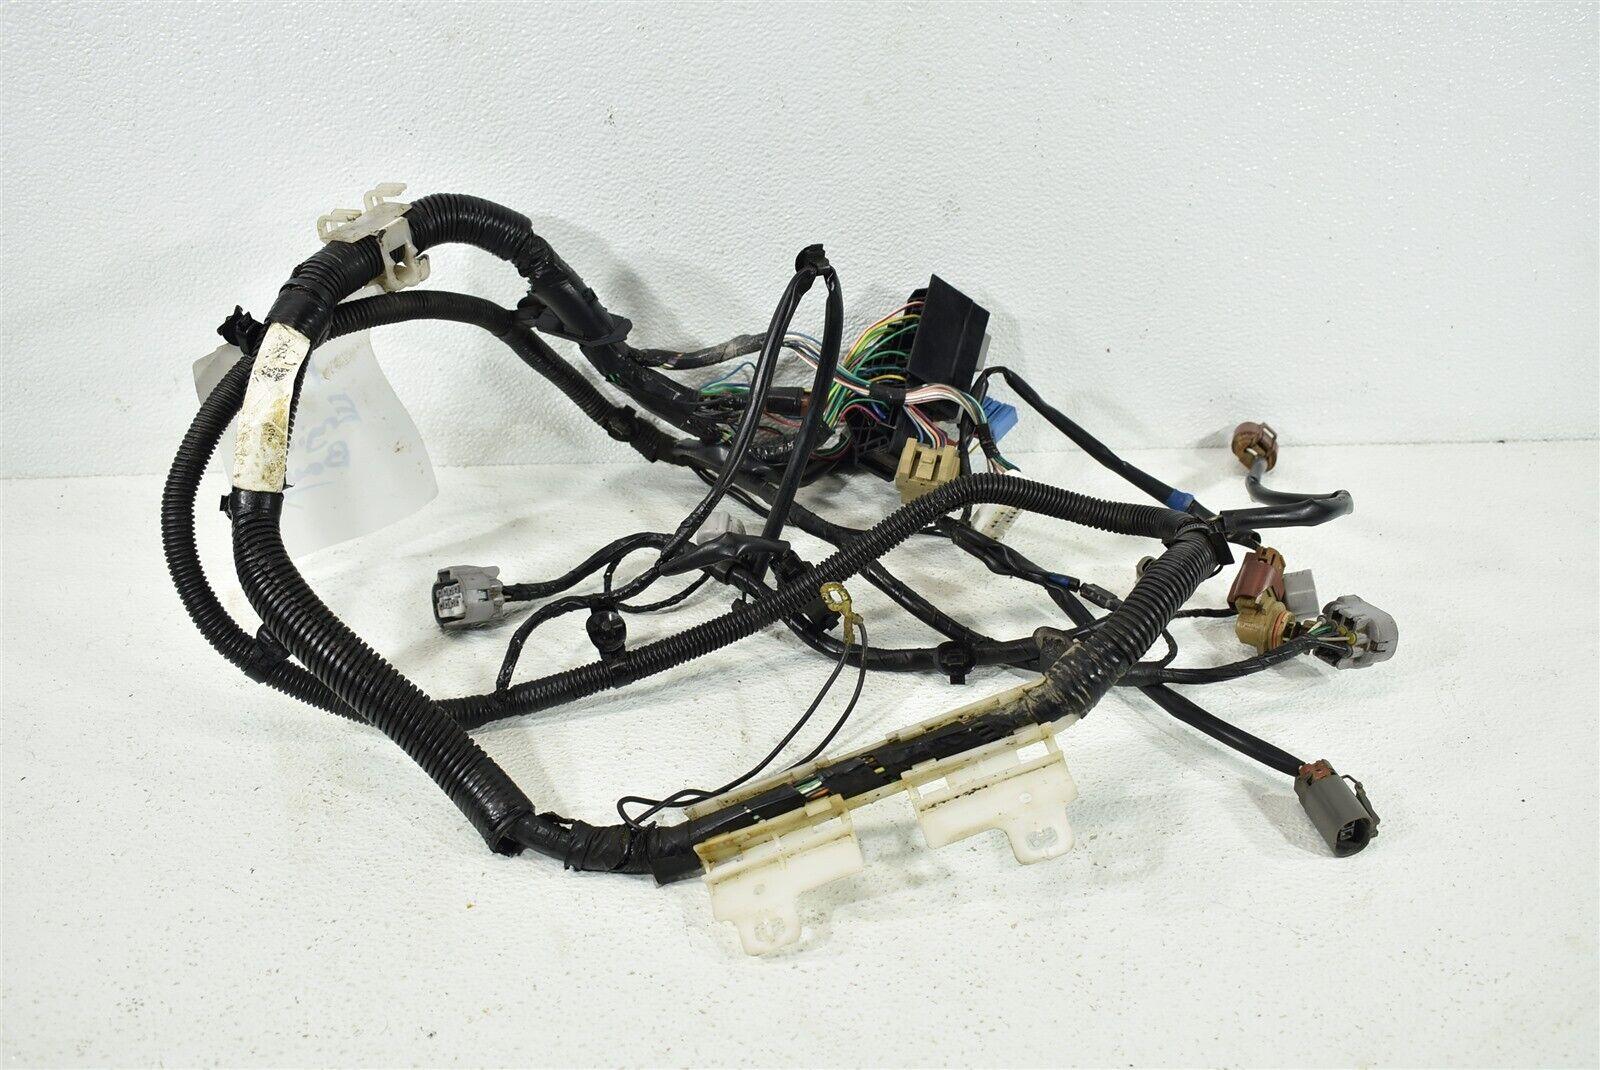 2011-2014 Subaru Impreza WRX STI Engine Bay Wiring Harness OEM 11-14   eBayeBay